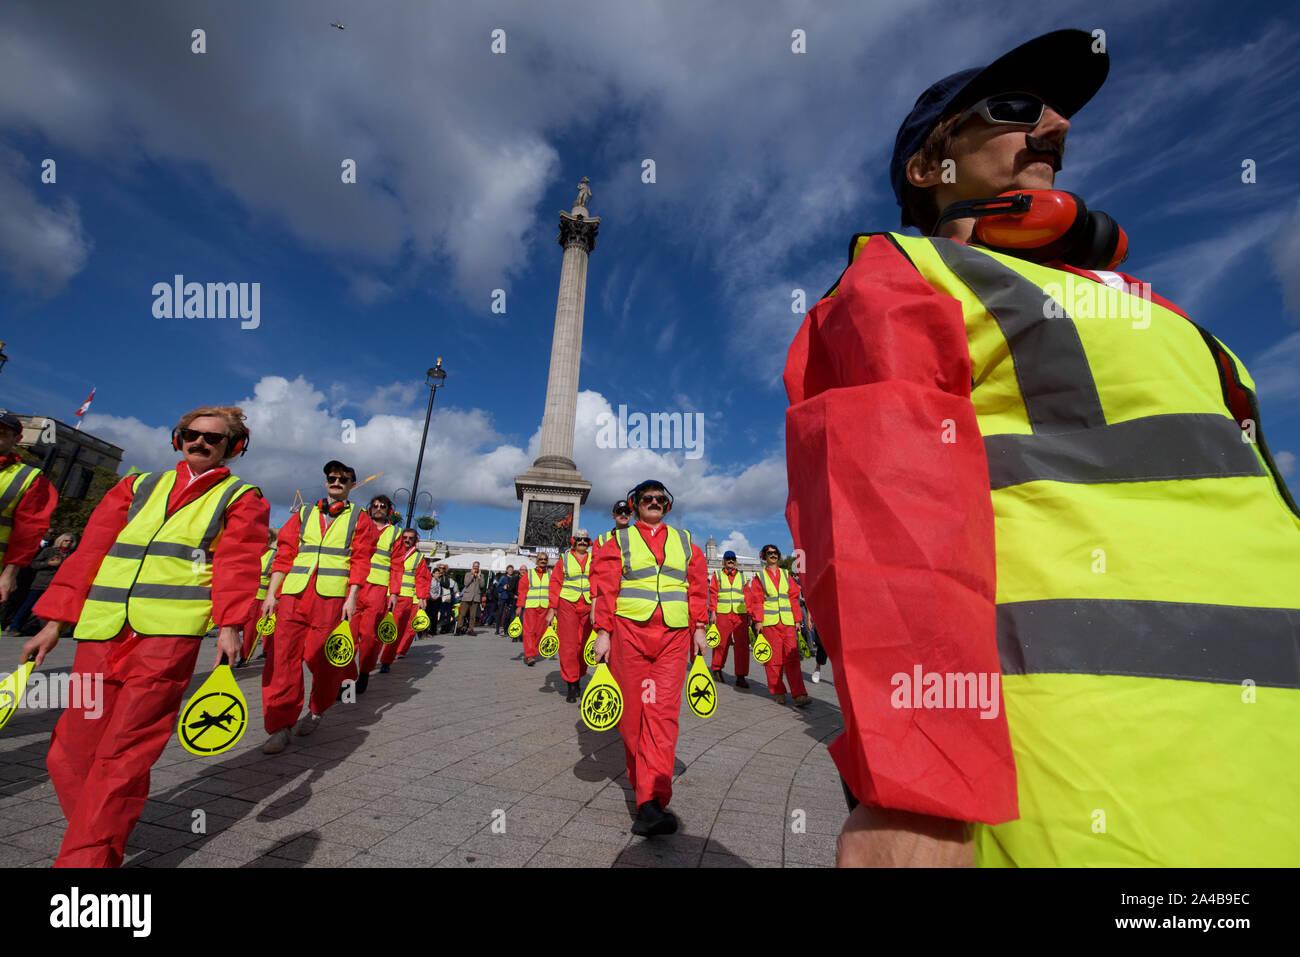 Aussterben Rebellion Protest weiterhin in London ab dem 7. Oktober. Das Ziel der Teilnahme an gewaltfreier direkter Aktion und zivilem Ungehorsam wurde die Aufmerksamkeit auf die Klimakrise und Verlust der biologischen Vielfalt zu zeichnen. Aussterben Rebellion Forderungen sind, dass die Regierungen die Öffentlichkeit die Wahrheit über das tatsächliche Ausmaß der Krise, jetzt Maßnahmen ergreifen, die CO2-Emissionen zu verringern und, das Bürgerinnen und Bürger Baugruppen Änderungen der Richtlinien zu überwachen. Sie verlangen auch, dass Maßnahmen ergriffen werden, um die Zerstörung der natürlichen Welt, die in den '6 Massenaussterben von Arten führt, ist zu unterlassen. Stockfoto